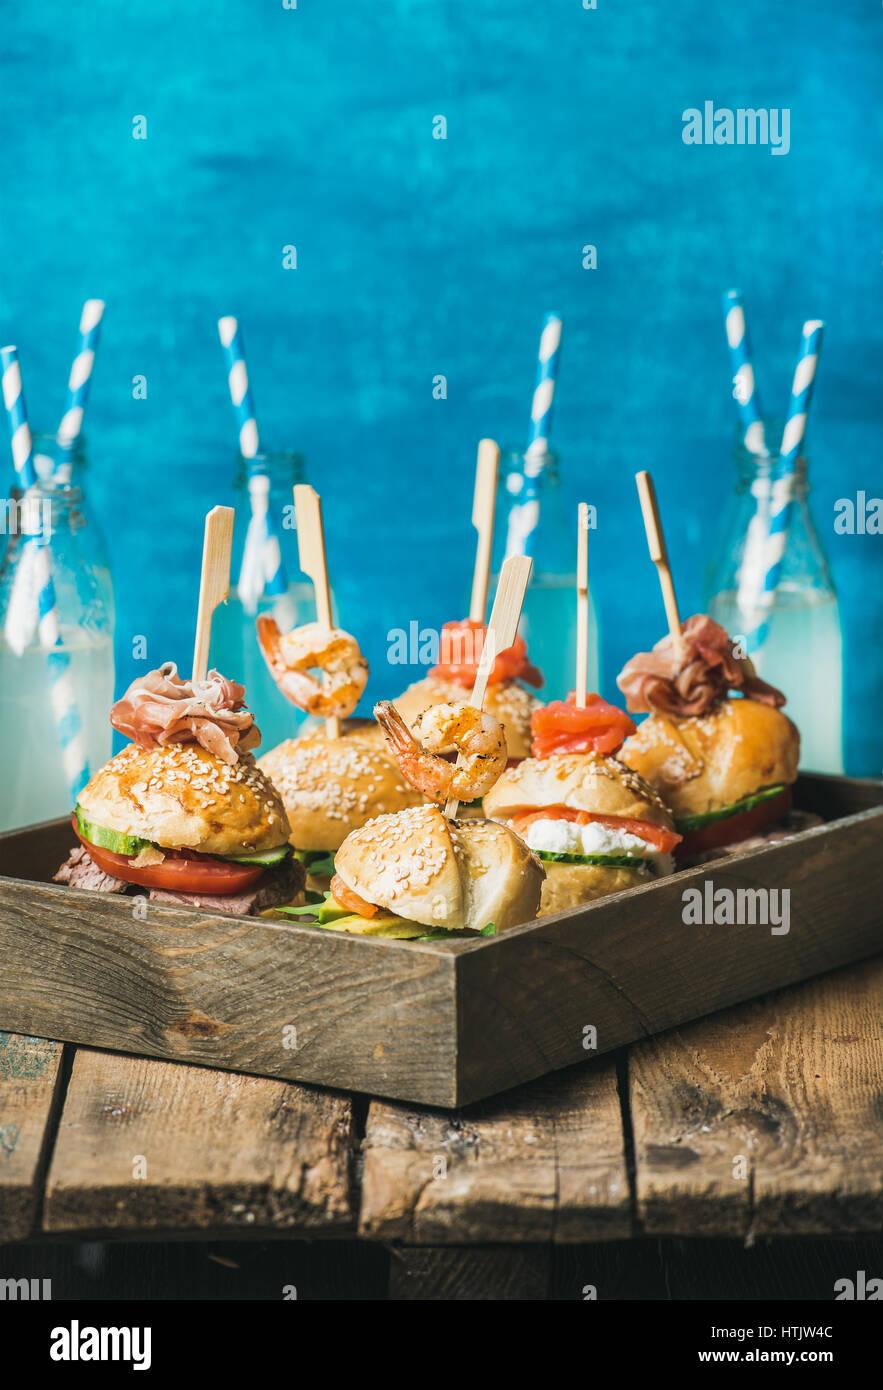 Verschiedene hausgemachte Burger in Holztablett und Limonade in Flaschen Stockbild